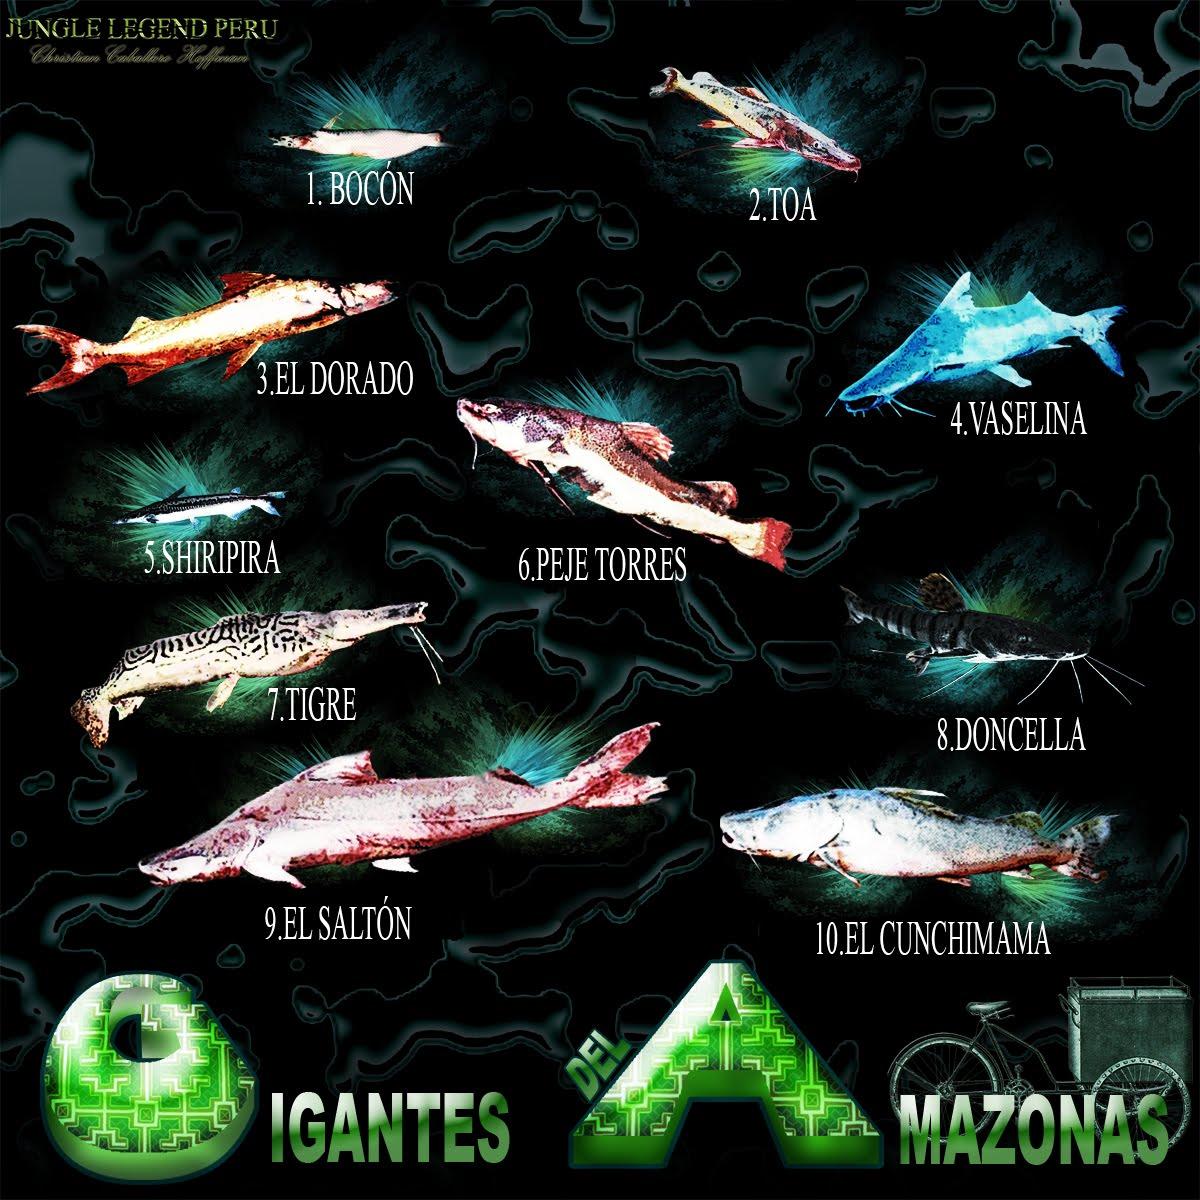 Atractivos turisticos de Iquitos Peru - Loreto Amazonas 70